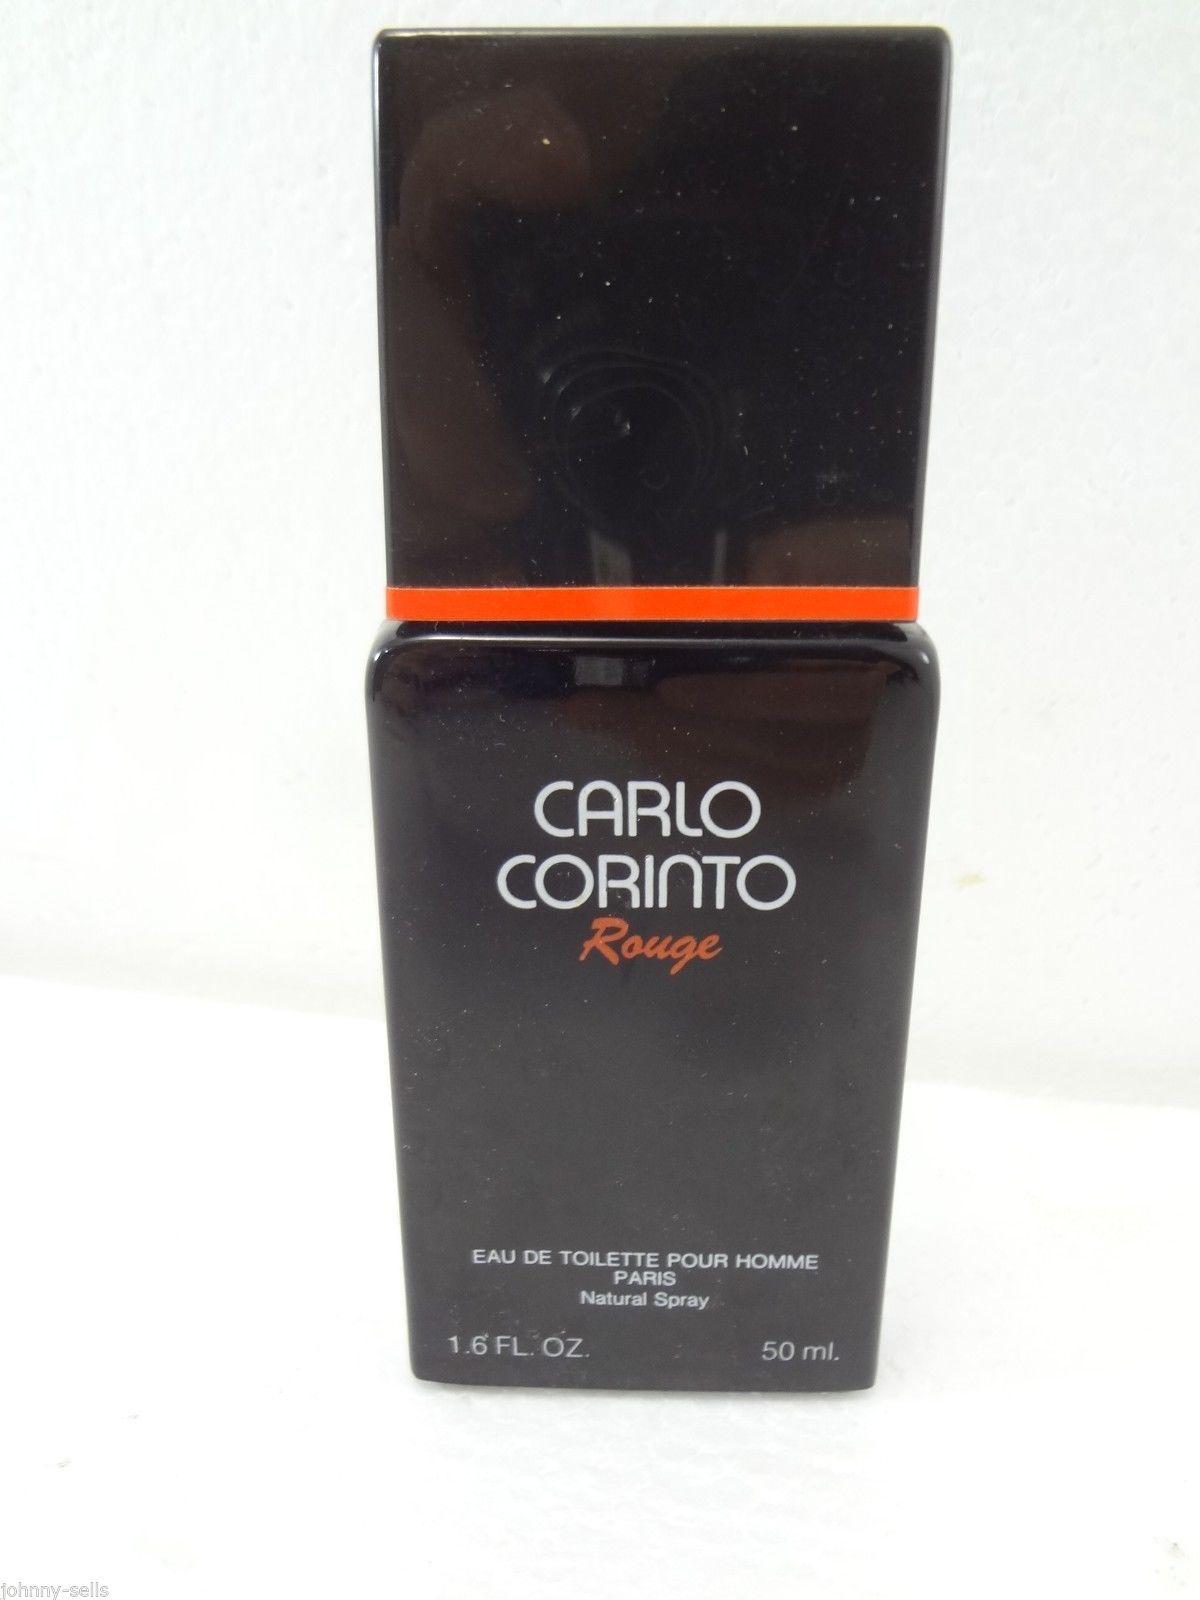 Carlo Corinto Rouge Mens Eau de Toilette Natural Spray Pour Homme Paris 1.6 oz